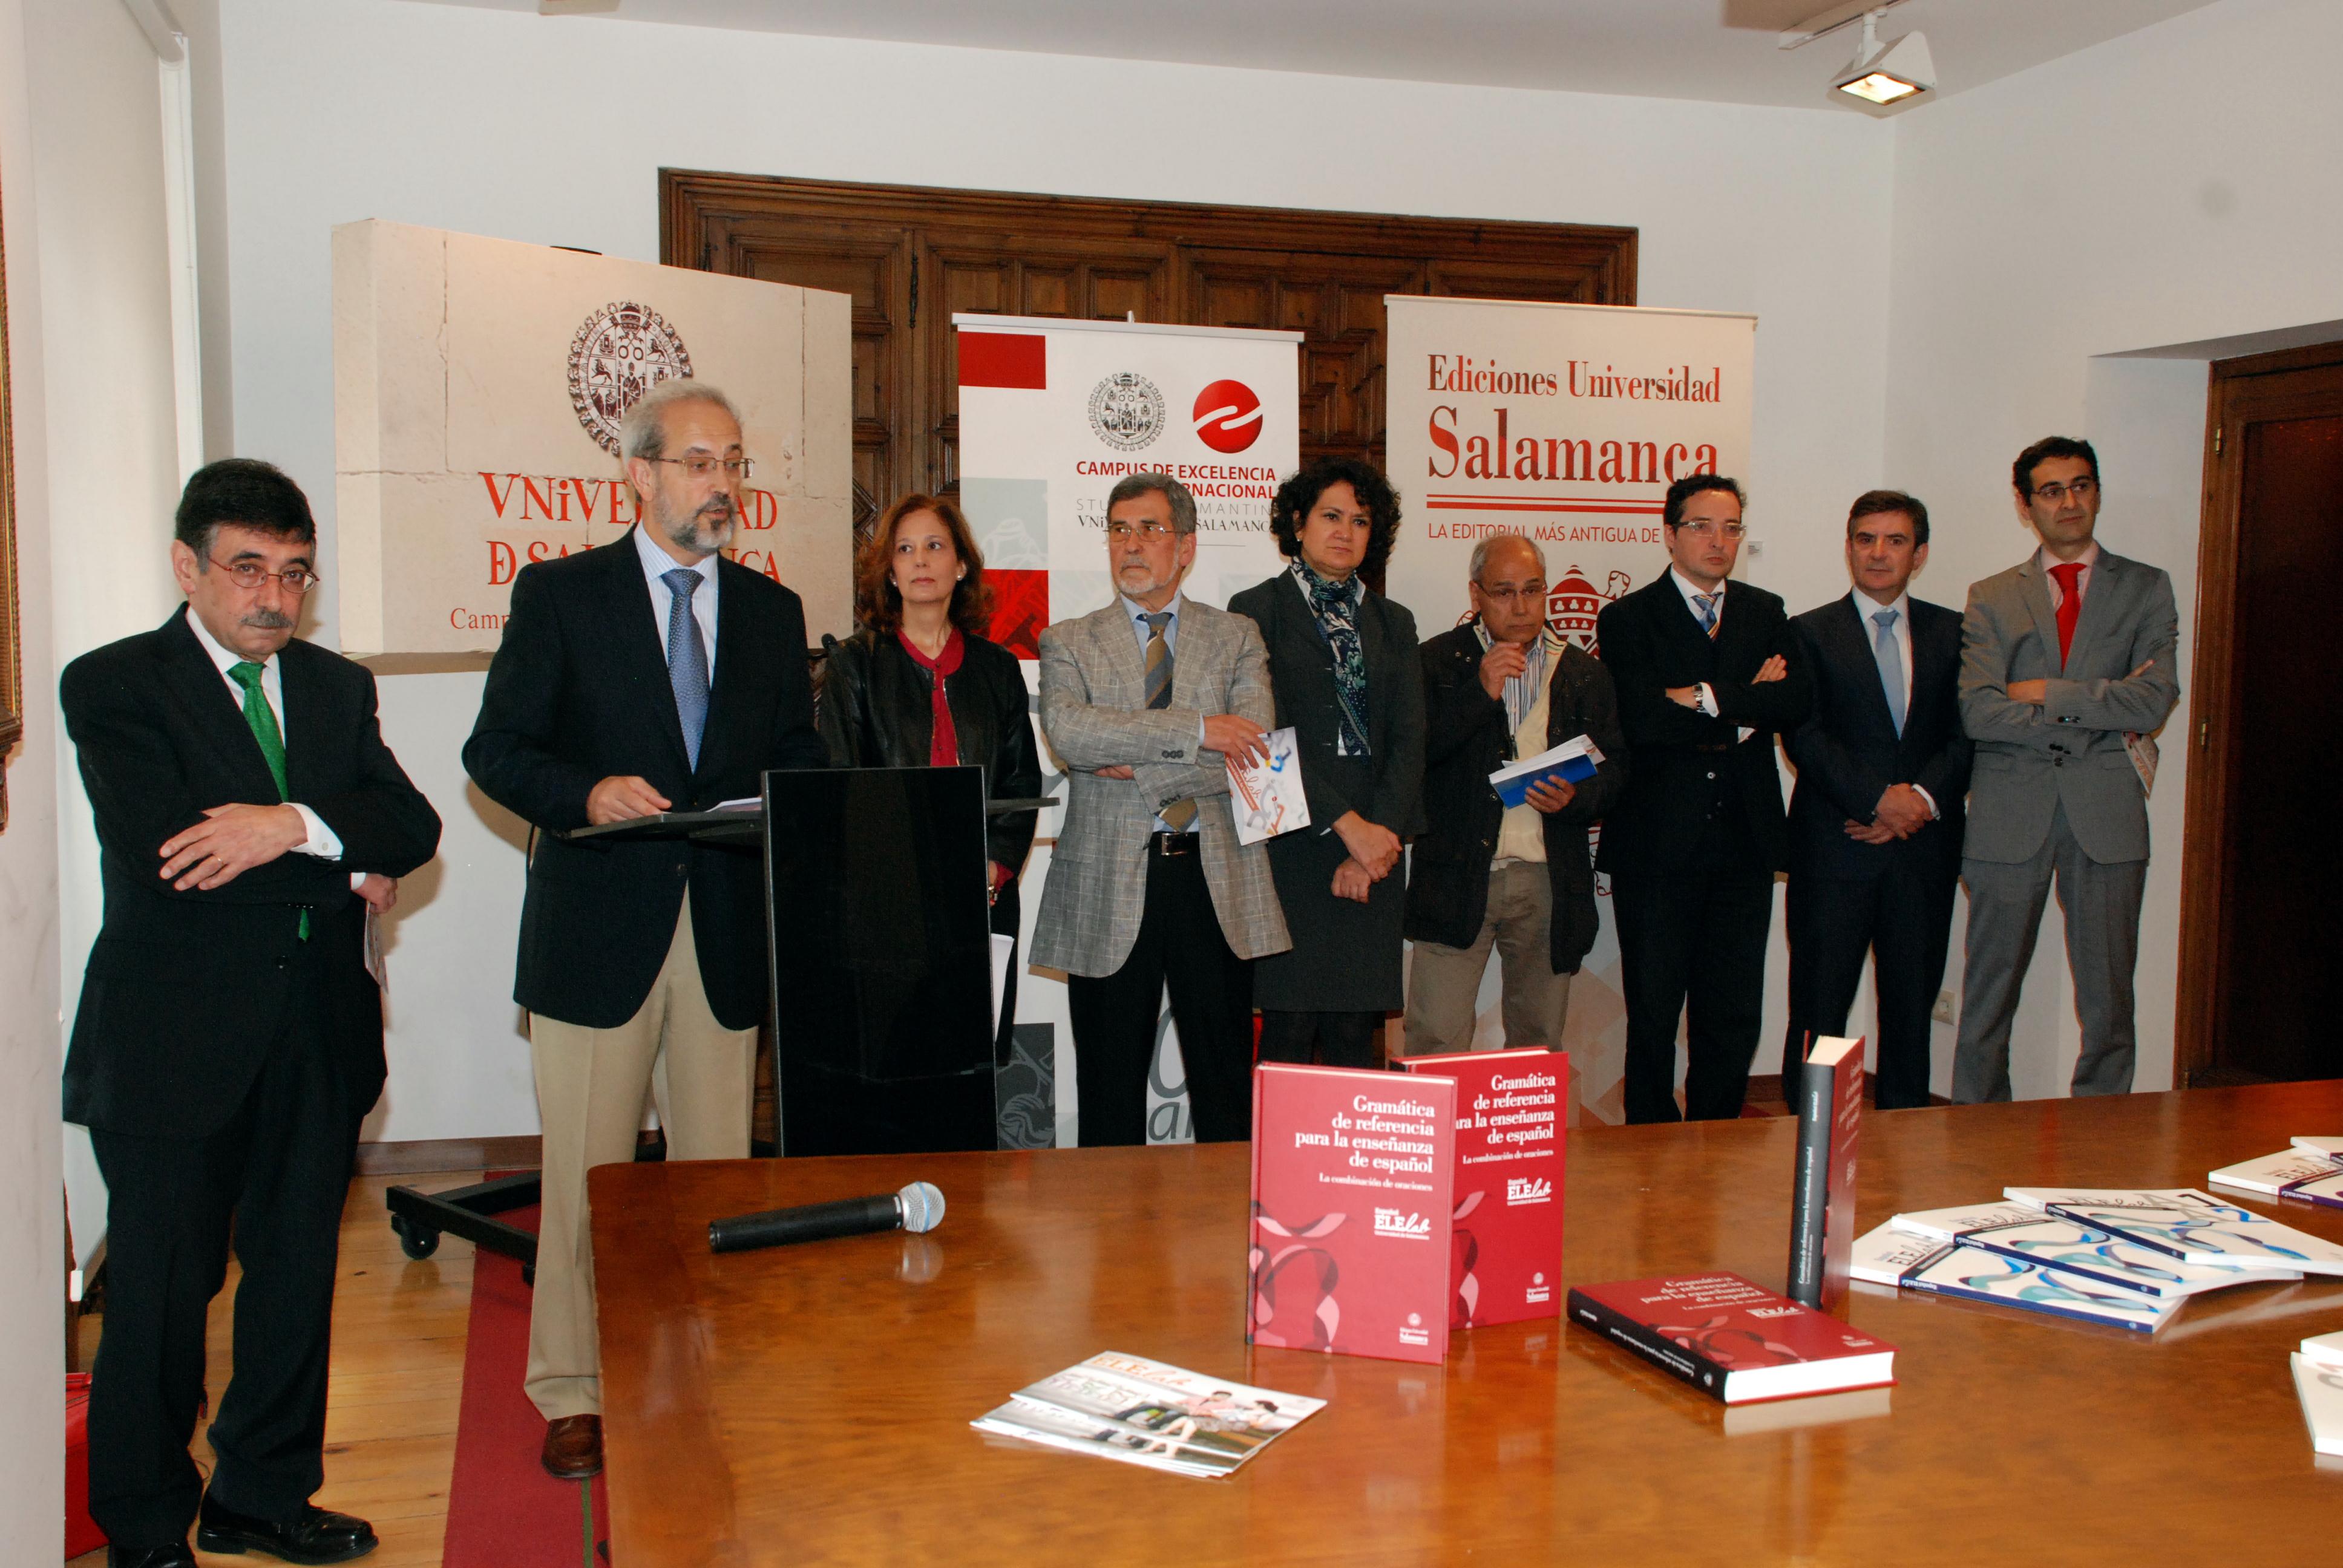 El rector presenta el proyecto didáctico para la enseñanza del español como lengua extranjera de 'Español ELElab Universidad de Salamanca'